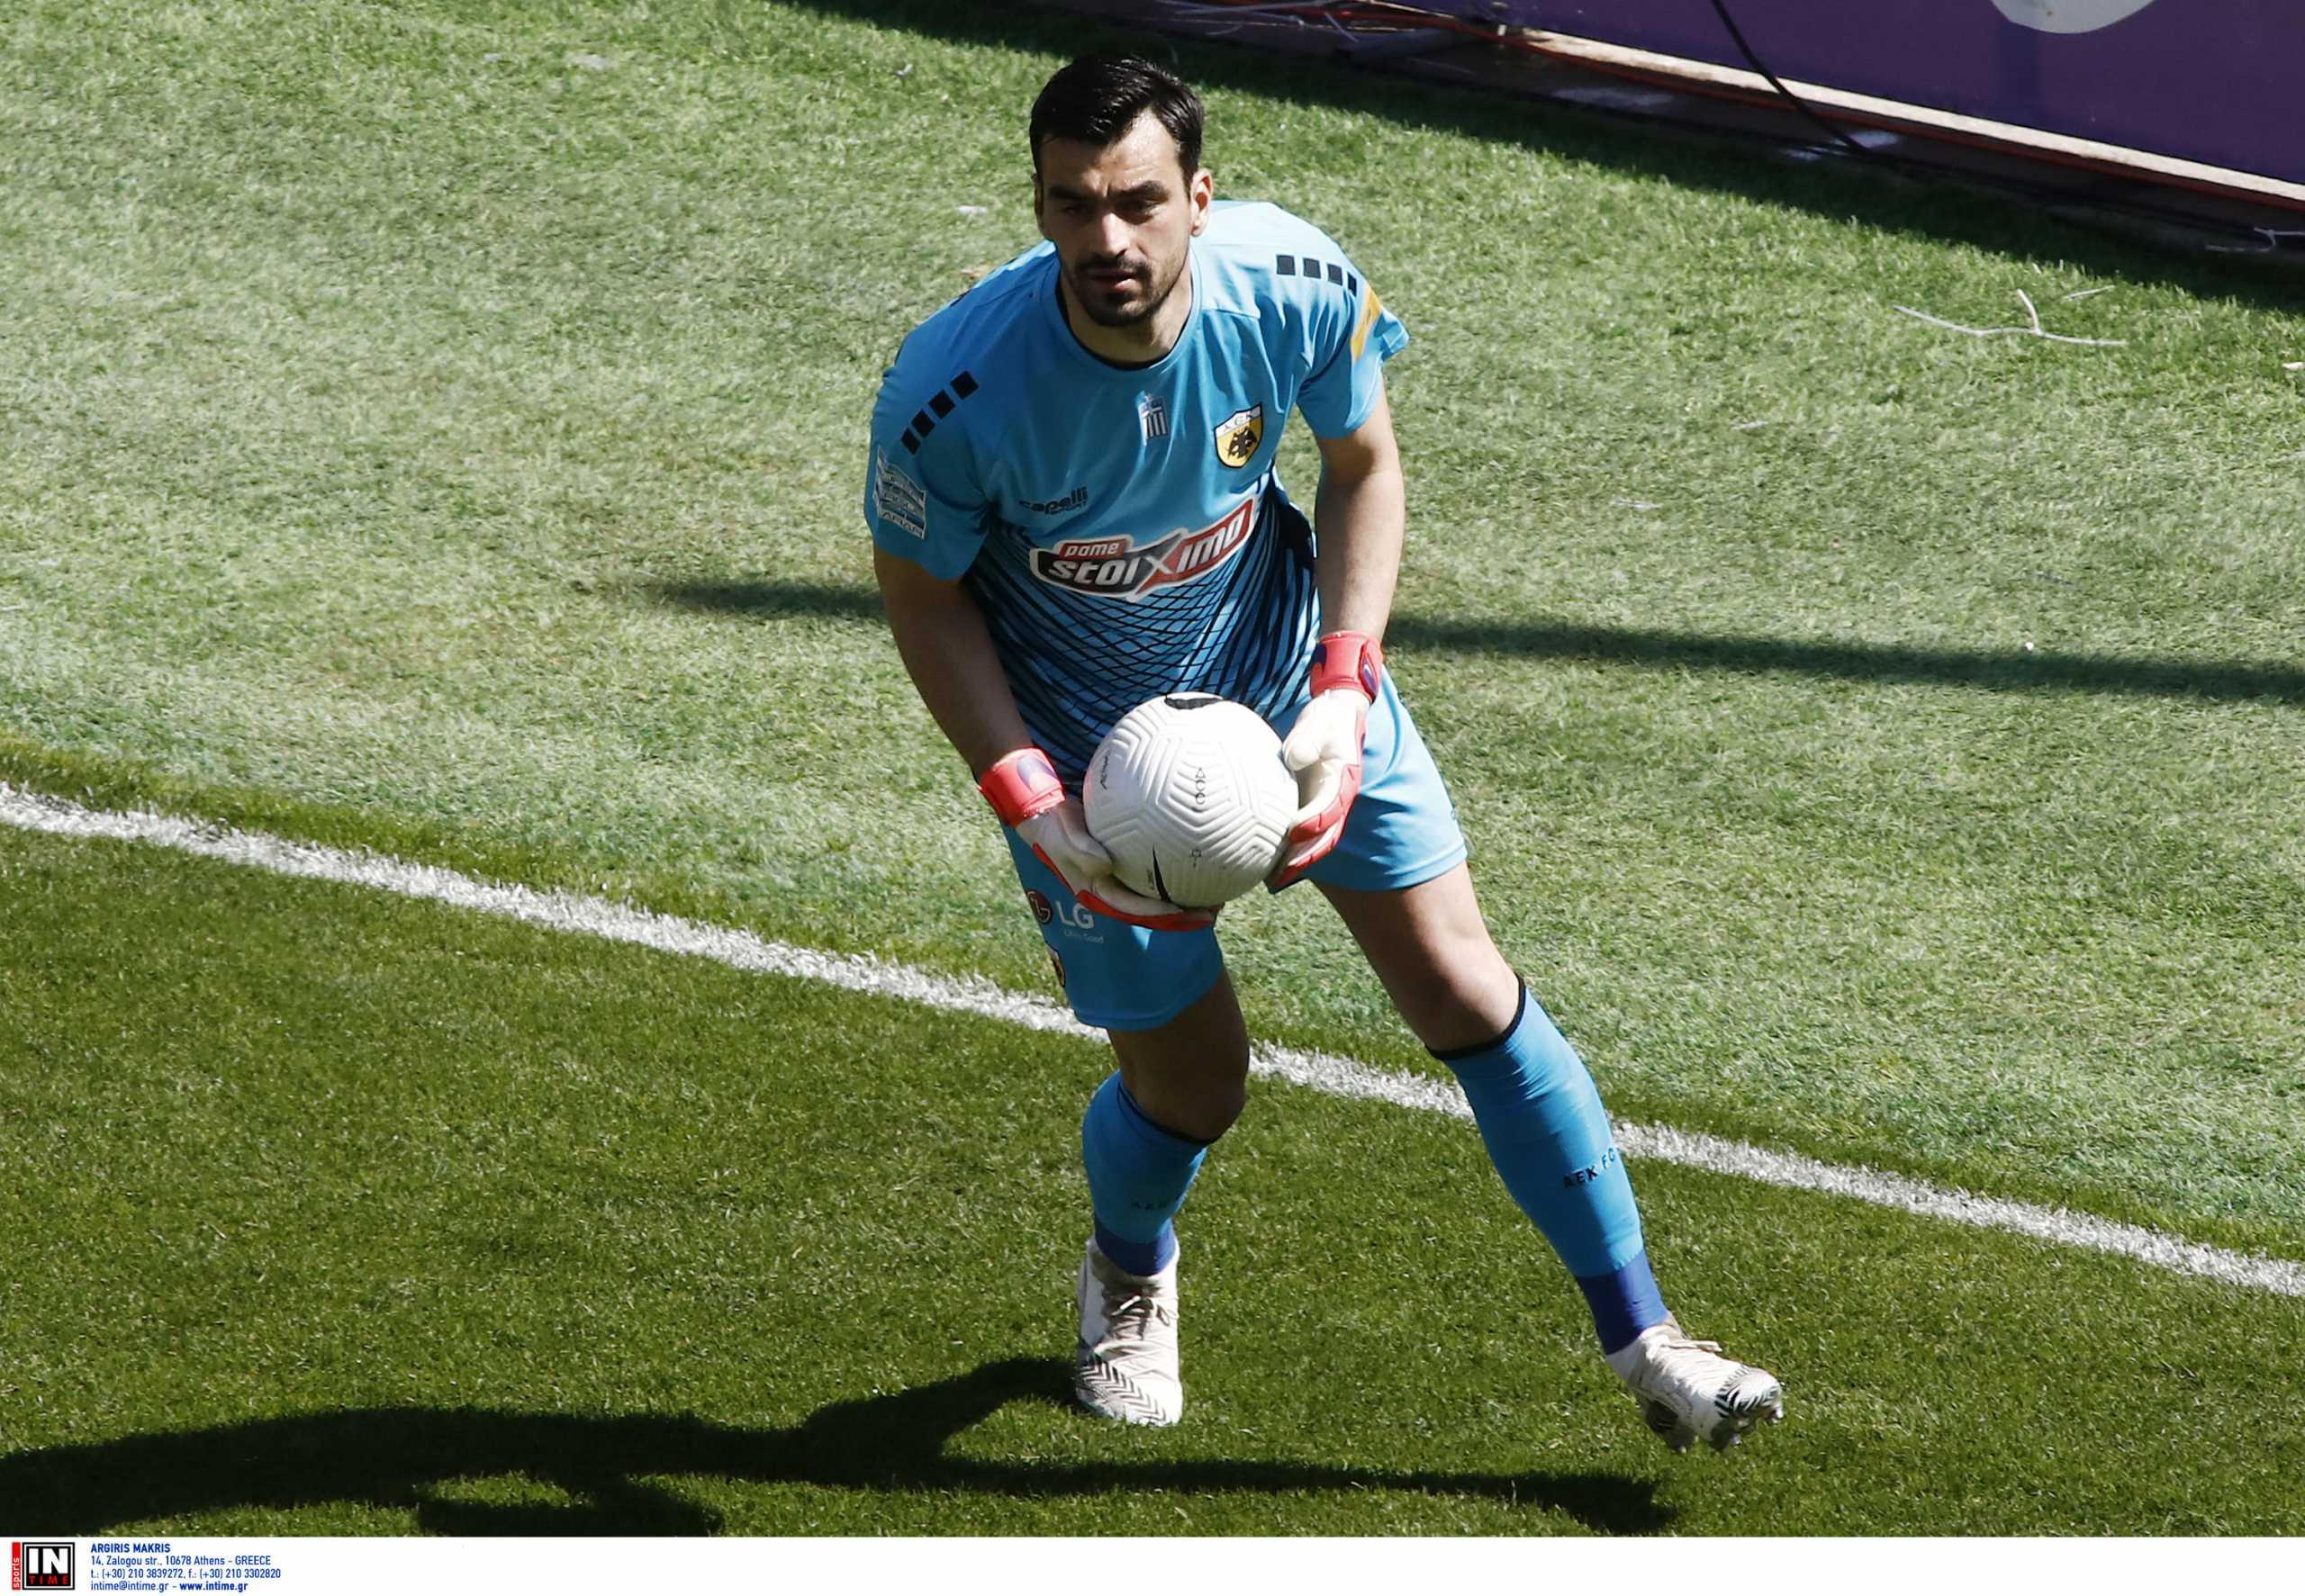 Τσιντώτας: «Στο ημίχρονο οι μισοί παίκτες είχαν αίμα στις κάλτσες και στα σορτσάκια»